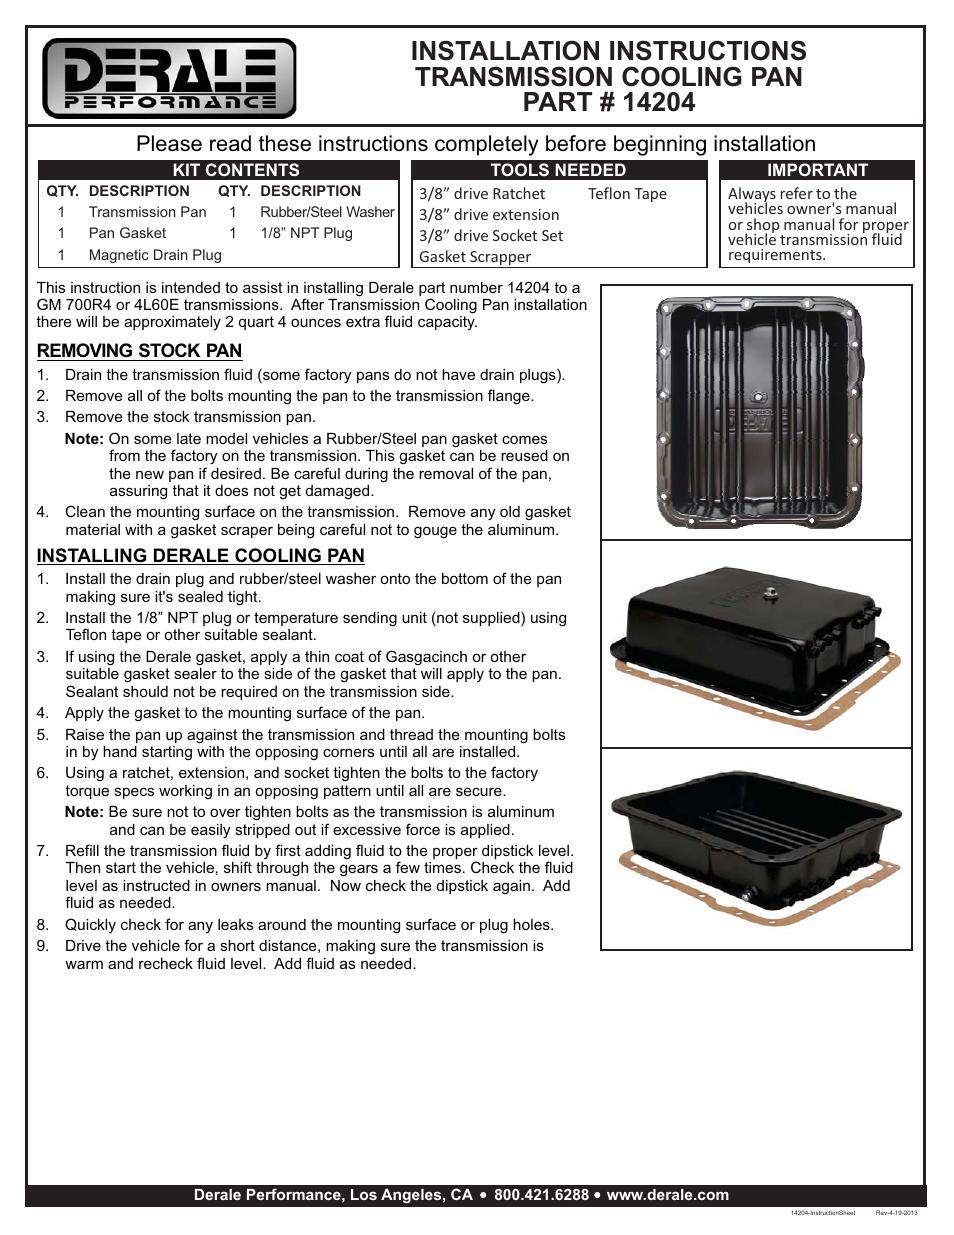 Gm 4l60e Transmission 1 Manual Guide